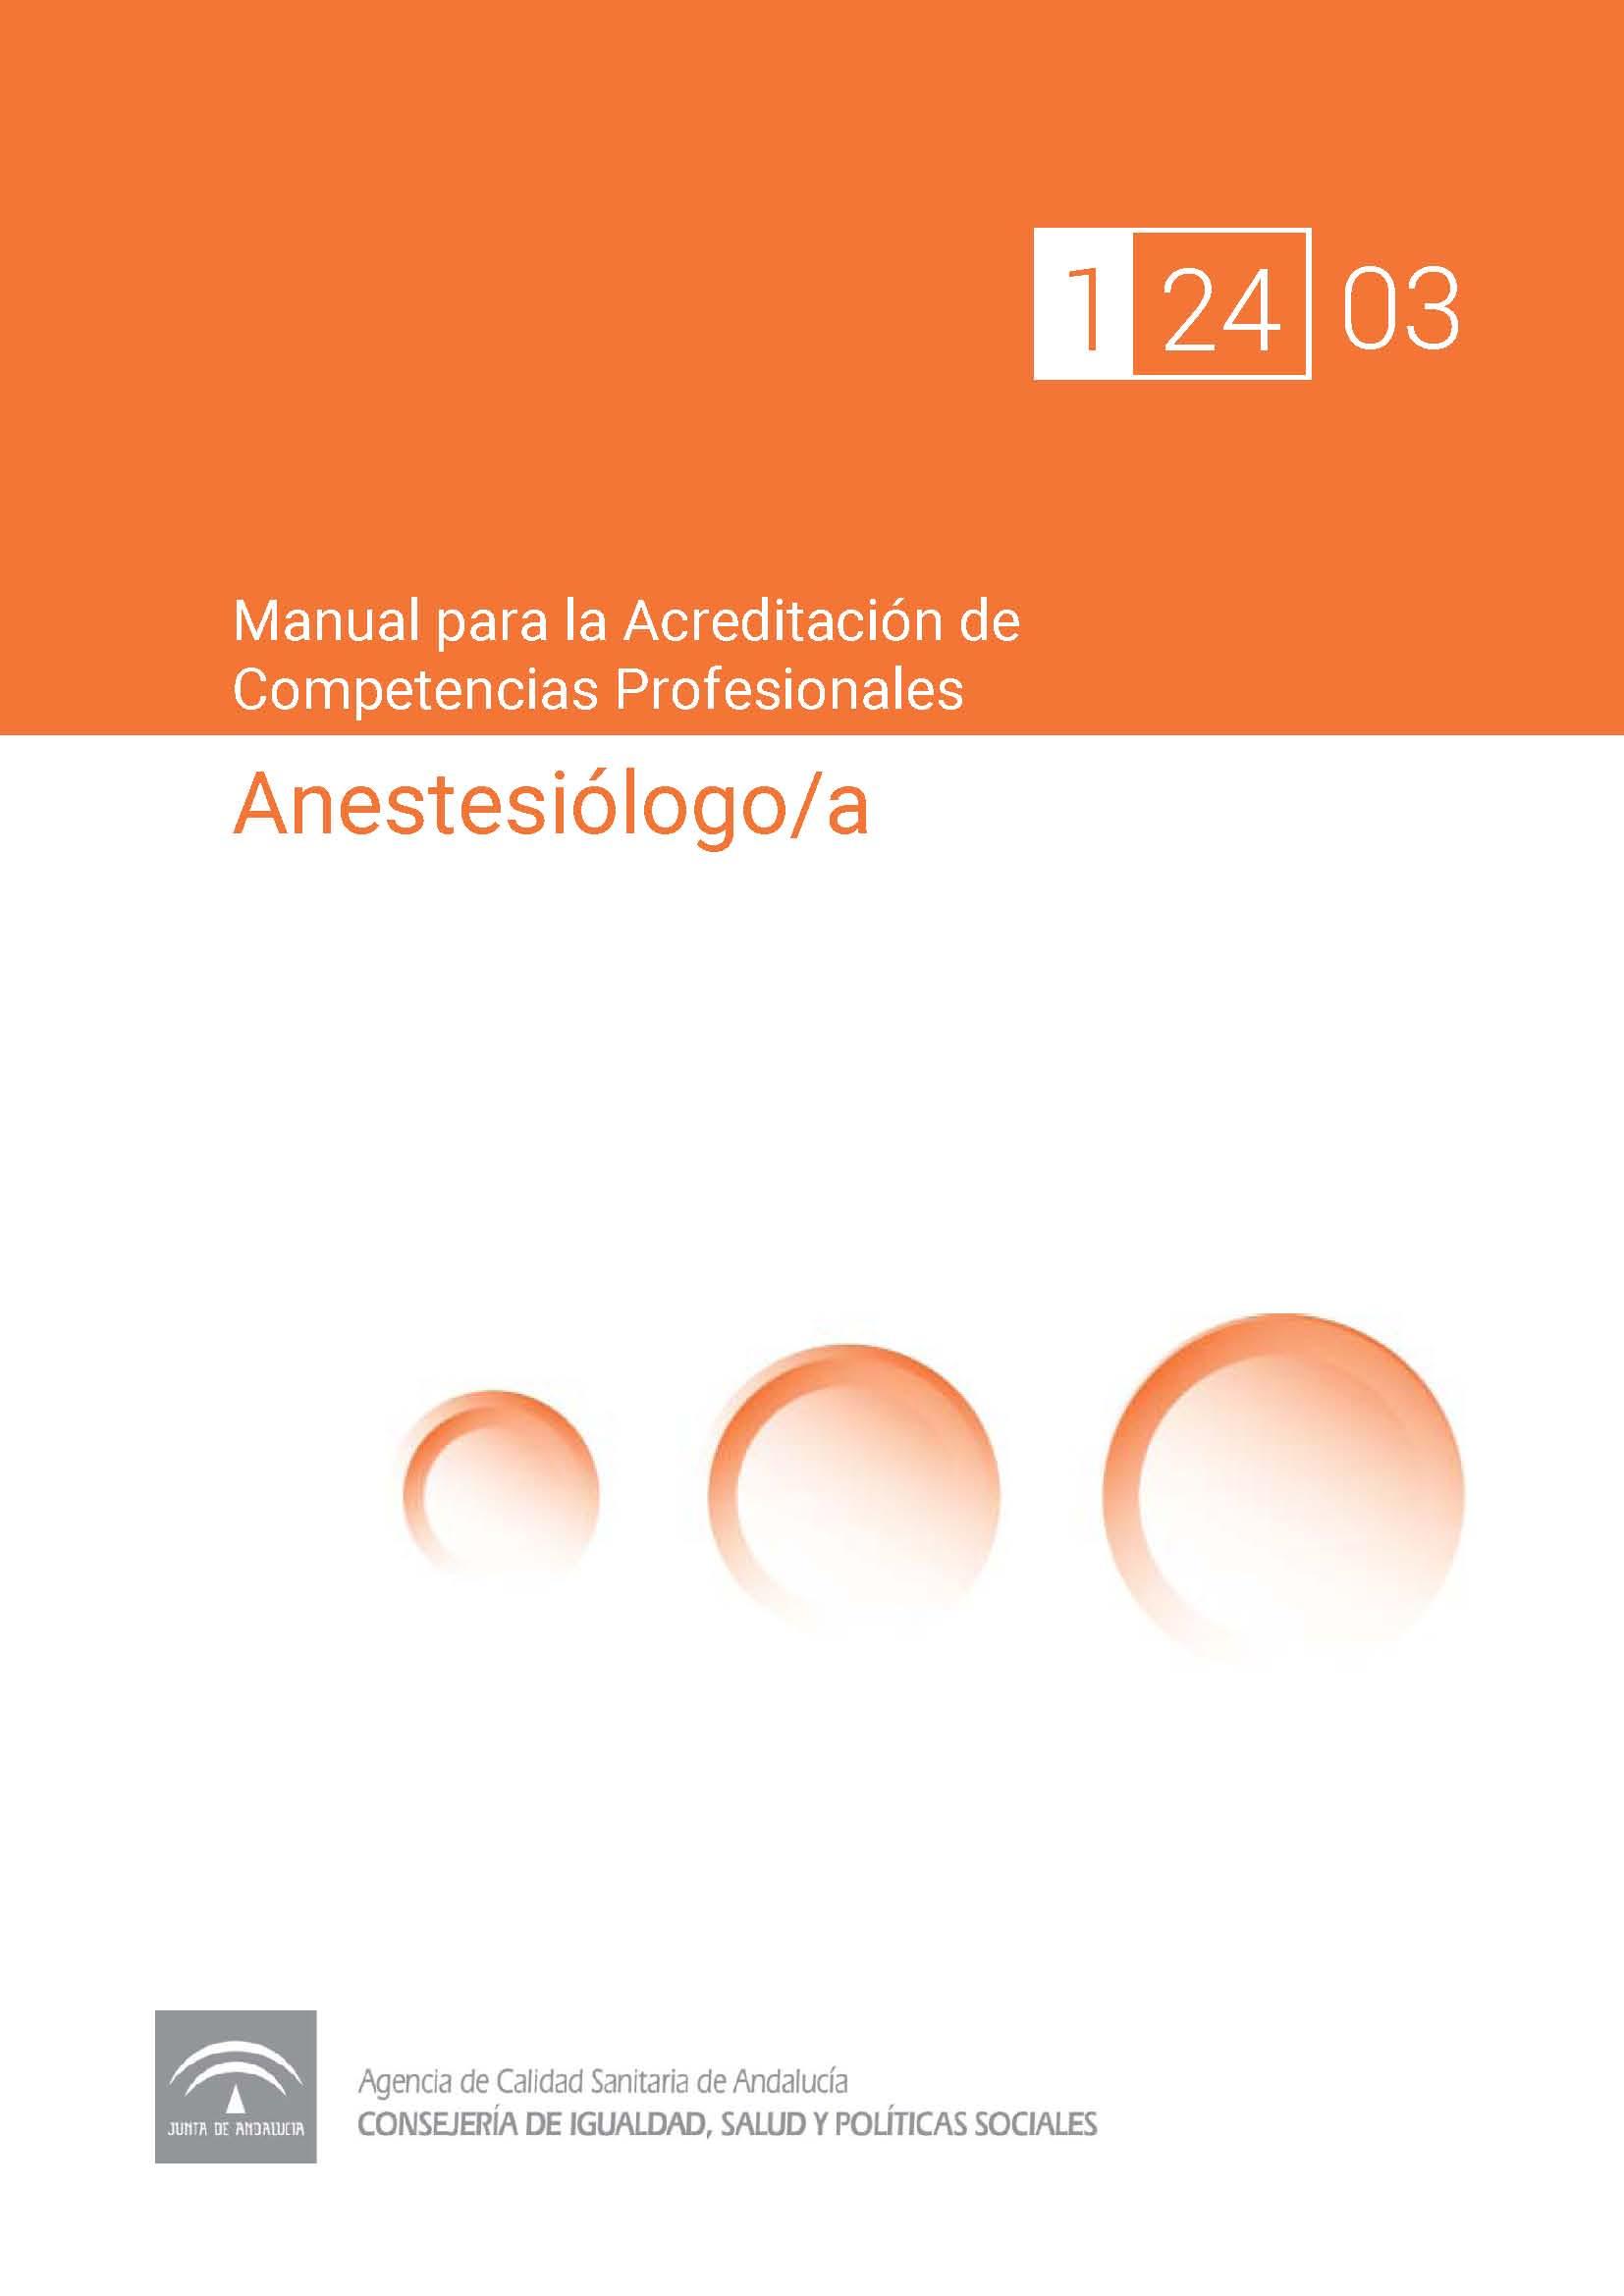 Manual de competencias profesionales del/de la Anestesiólogo/a